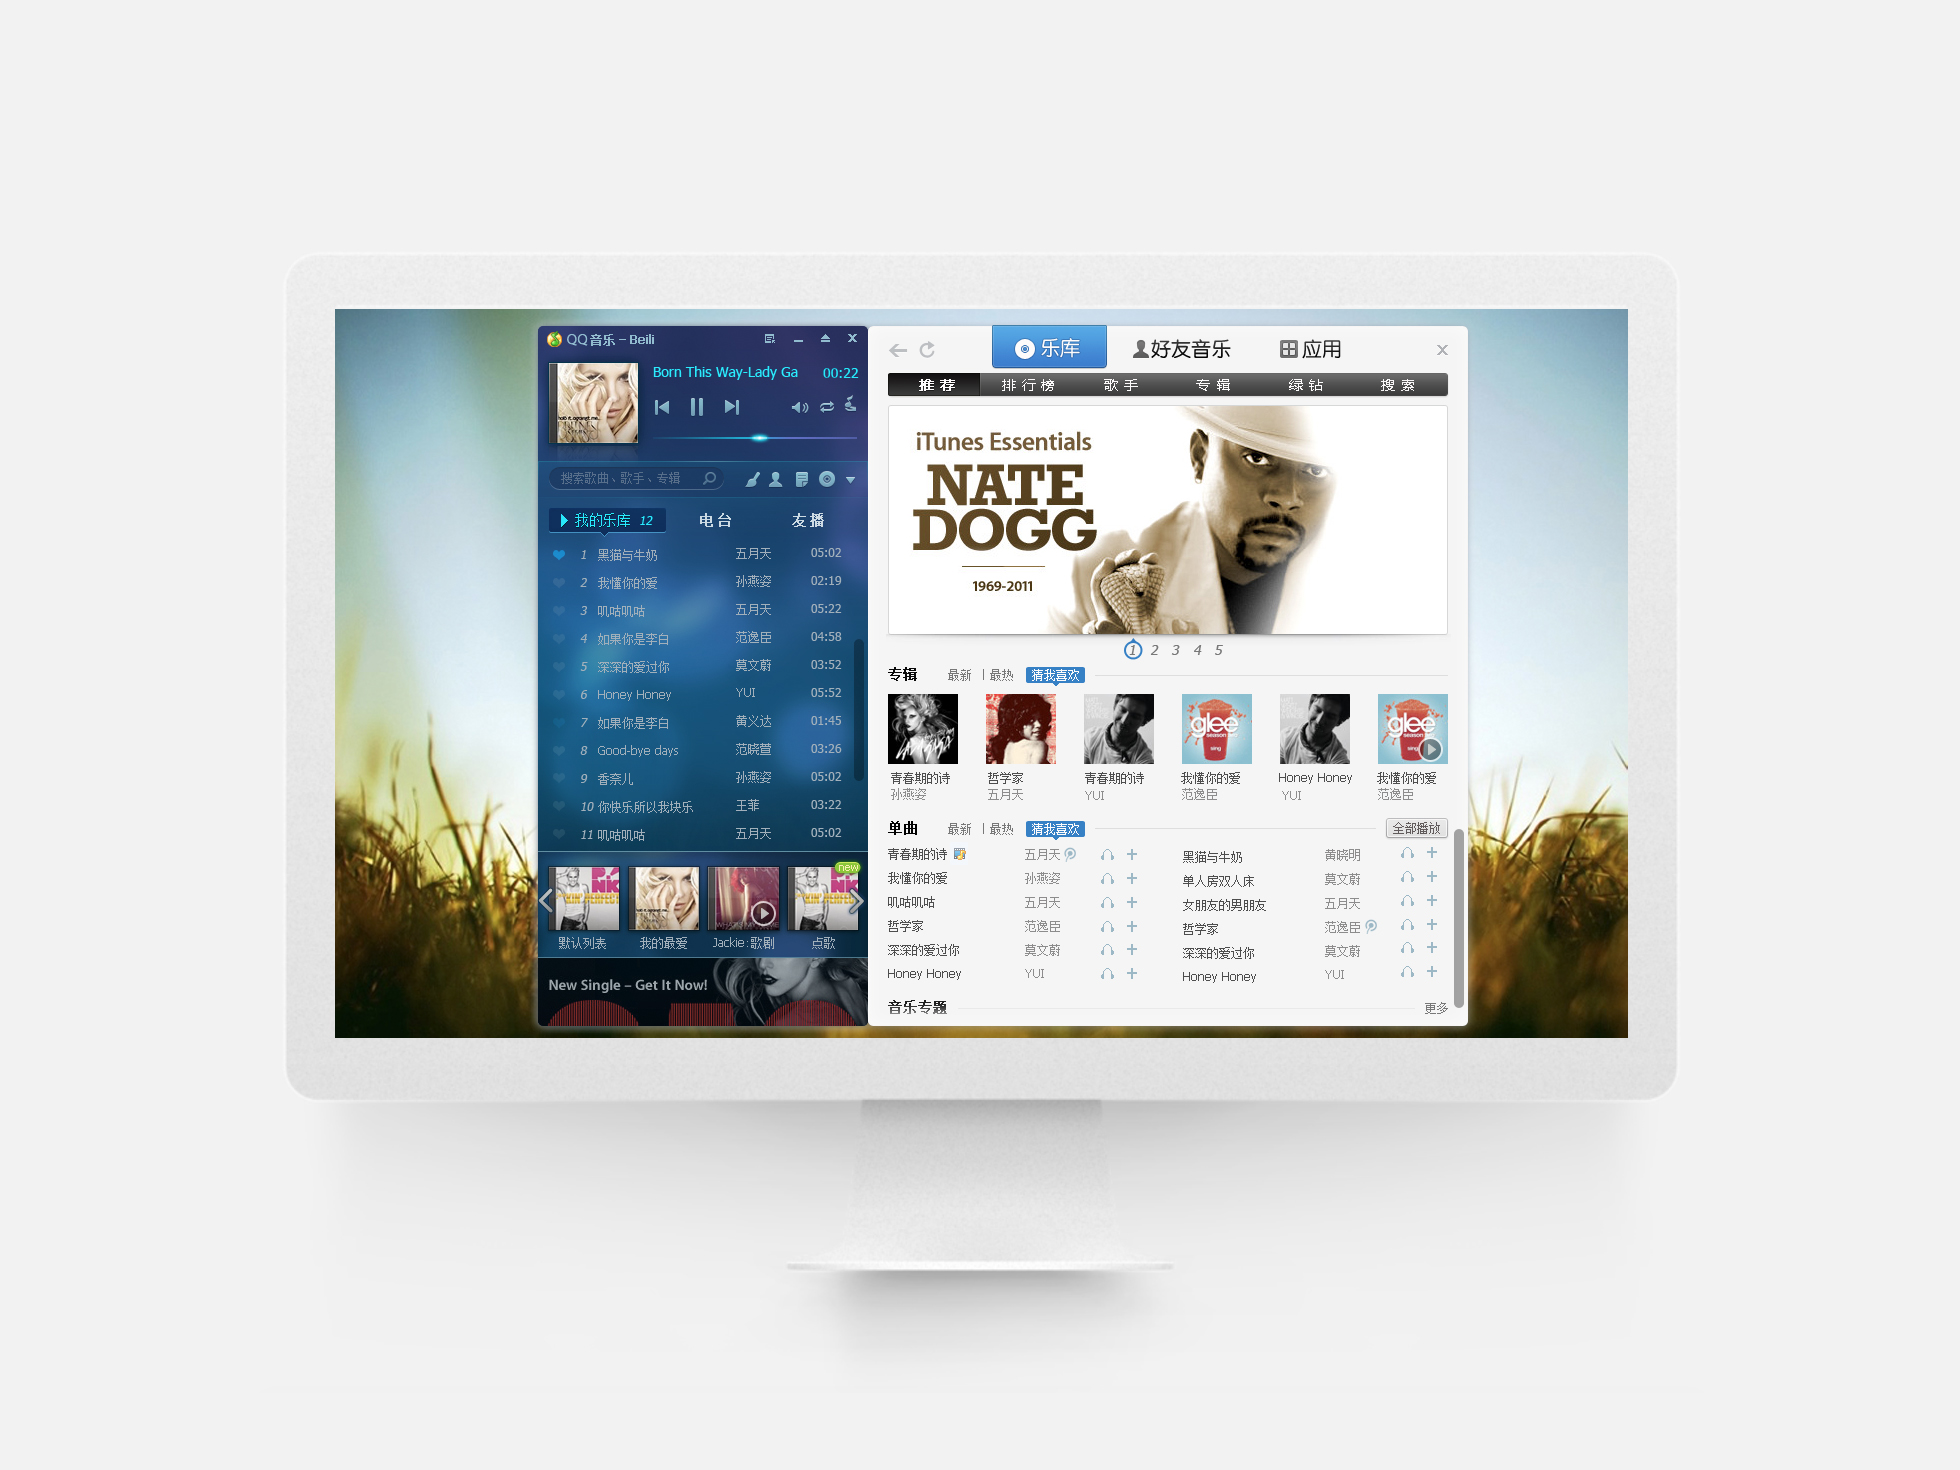 QQ music softerware2